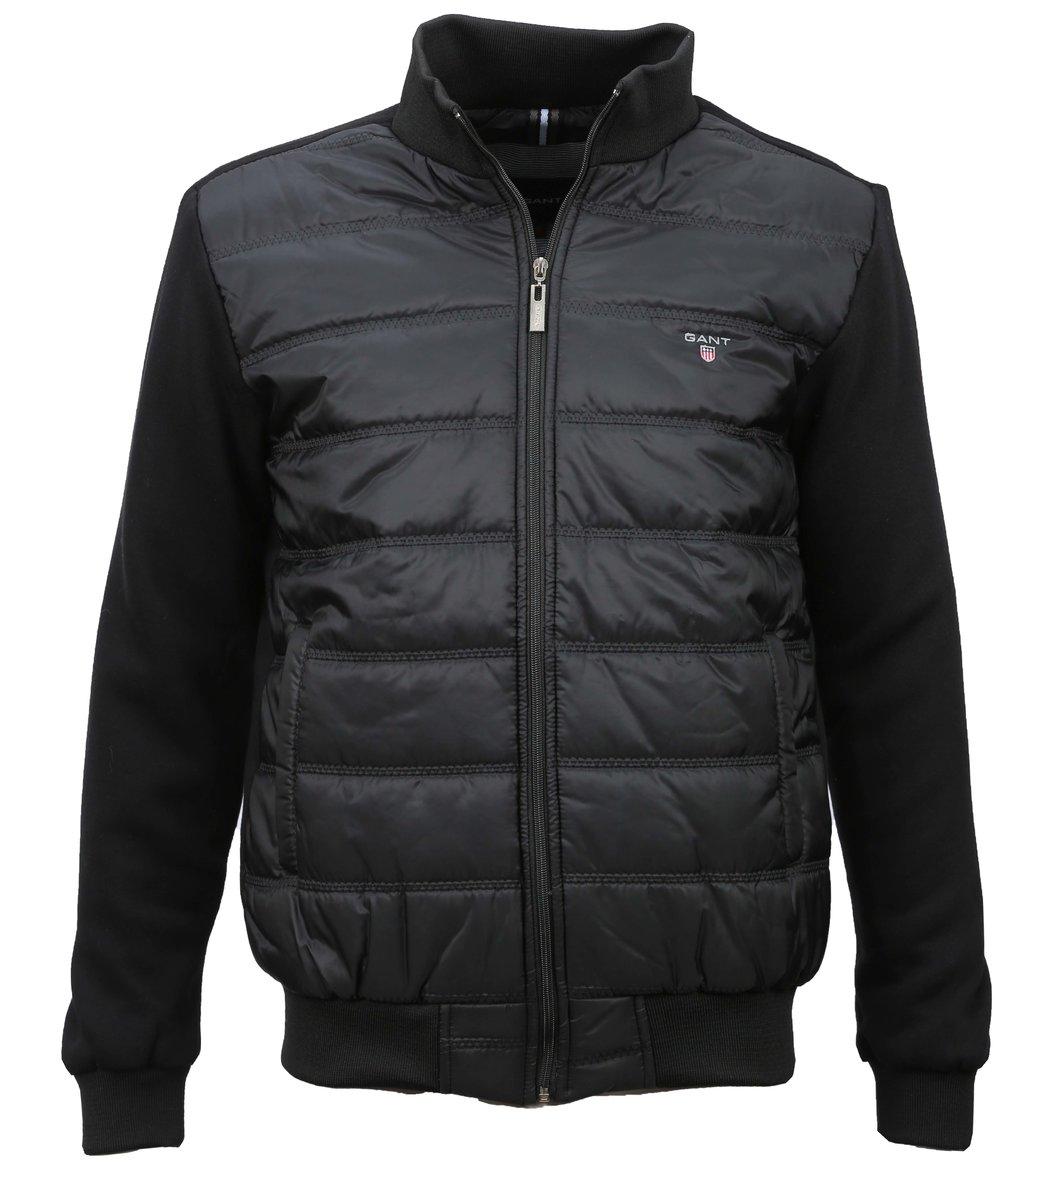 Чёрная комбинированная куртка Gant KG1